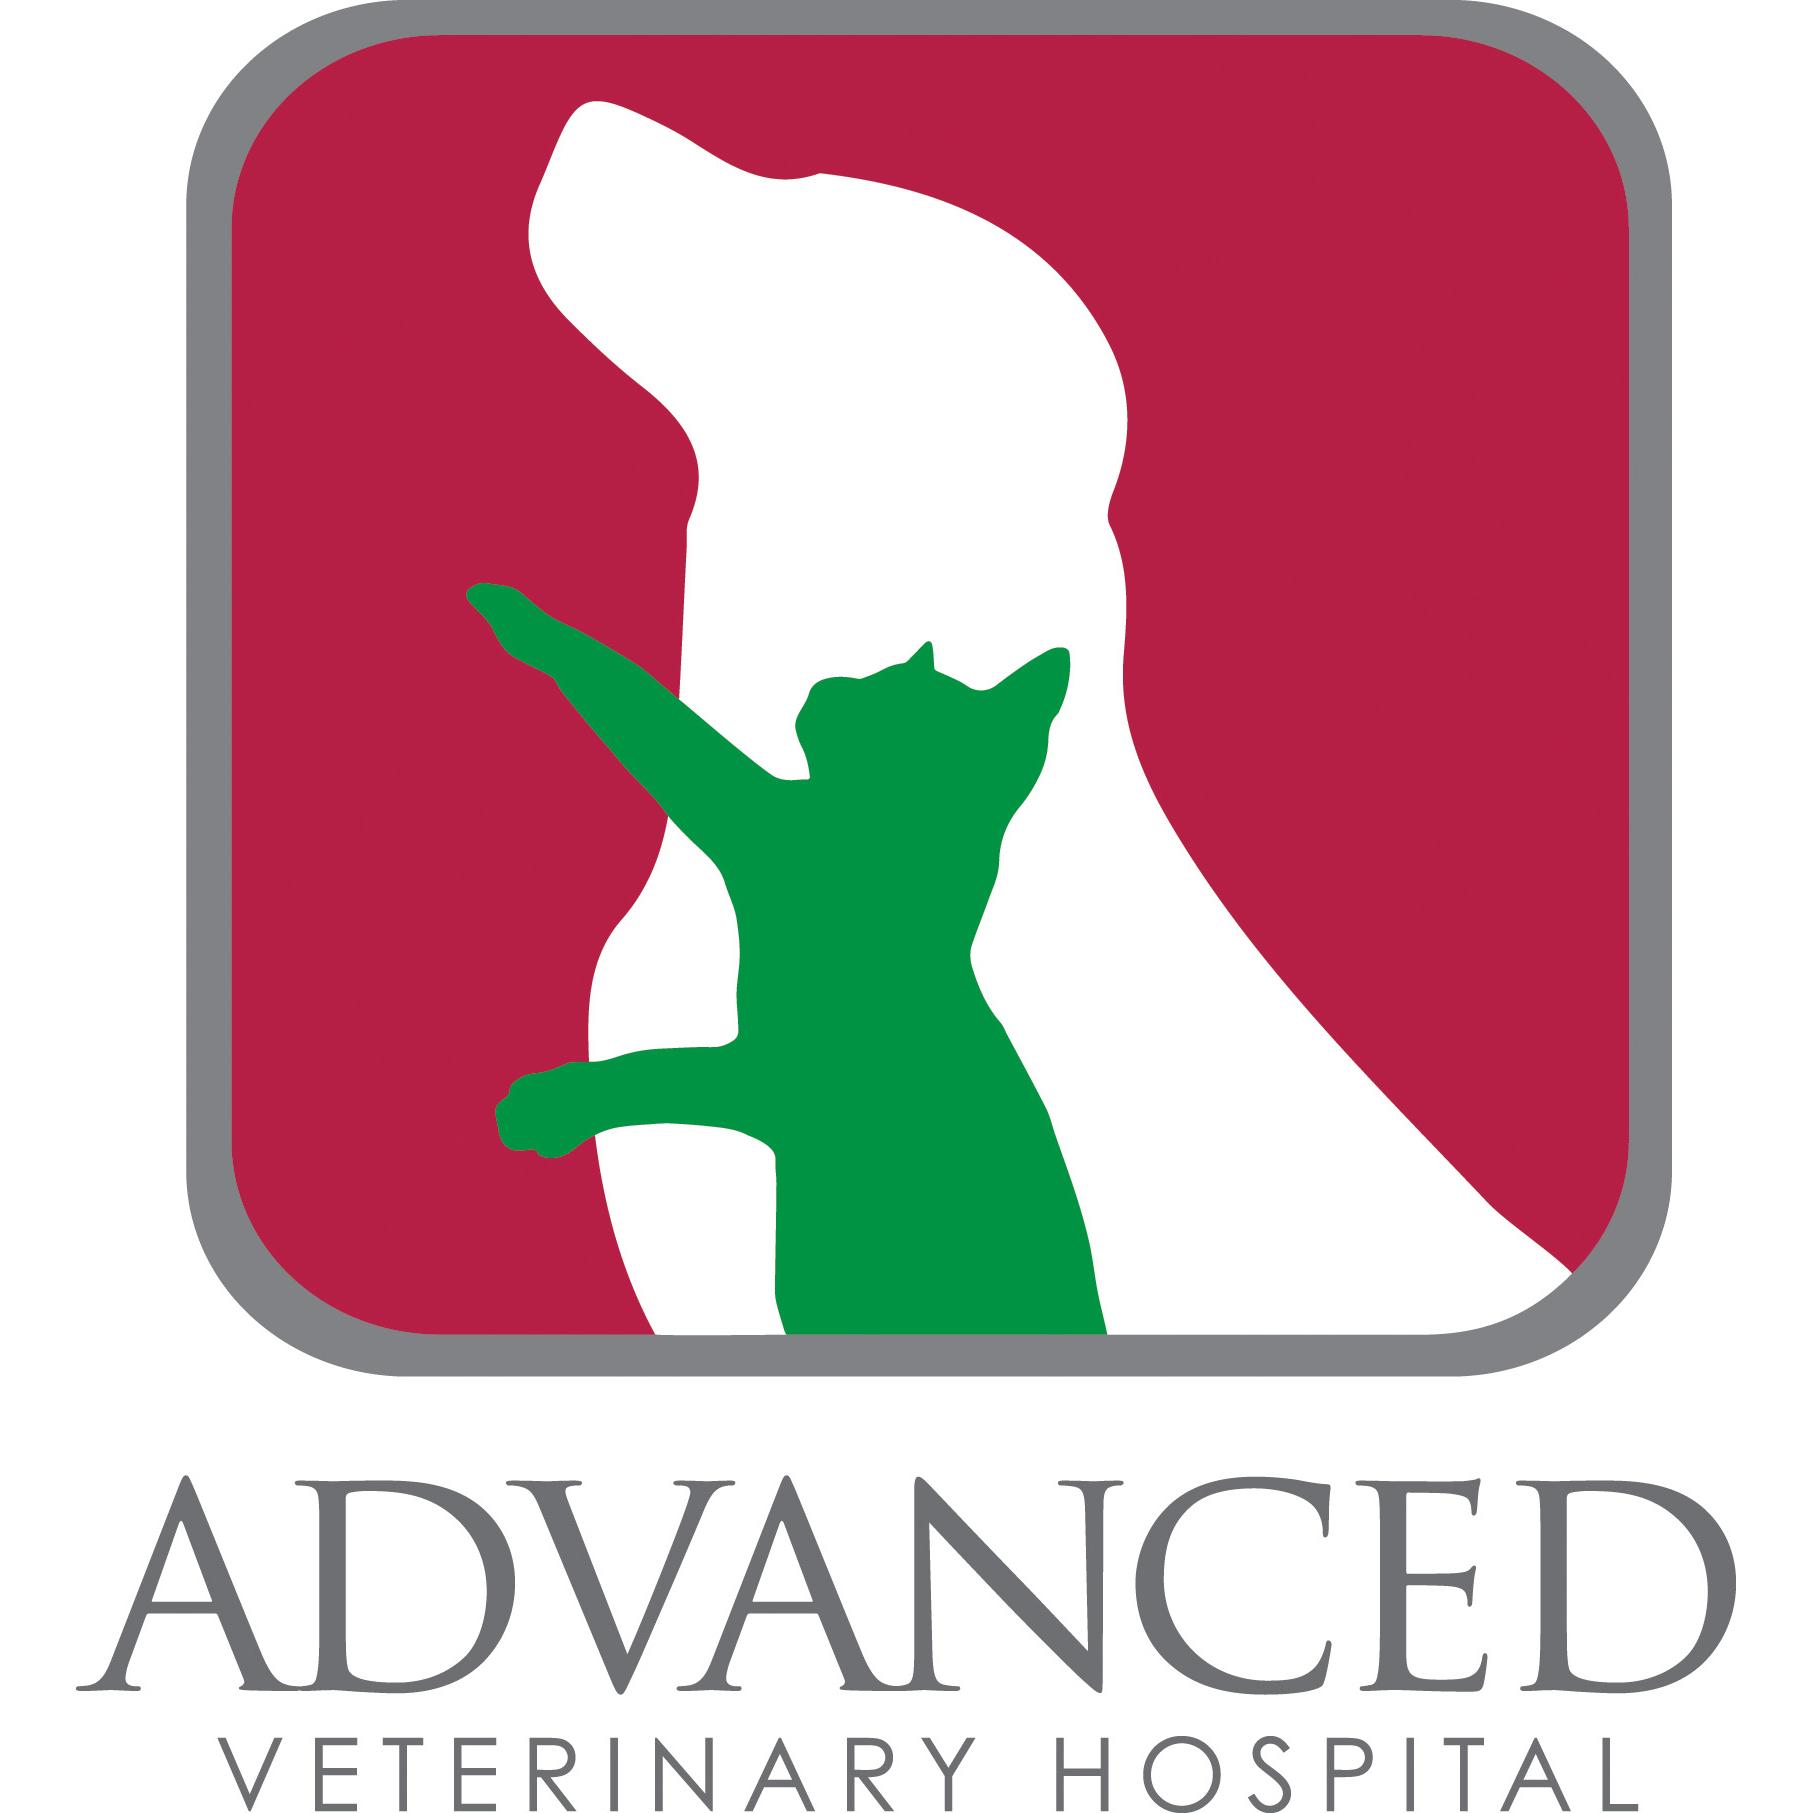 Advanced Veterinary Hospital - Sumter, SC - Veterinarians